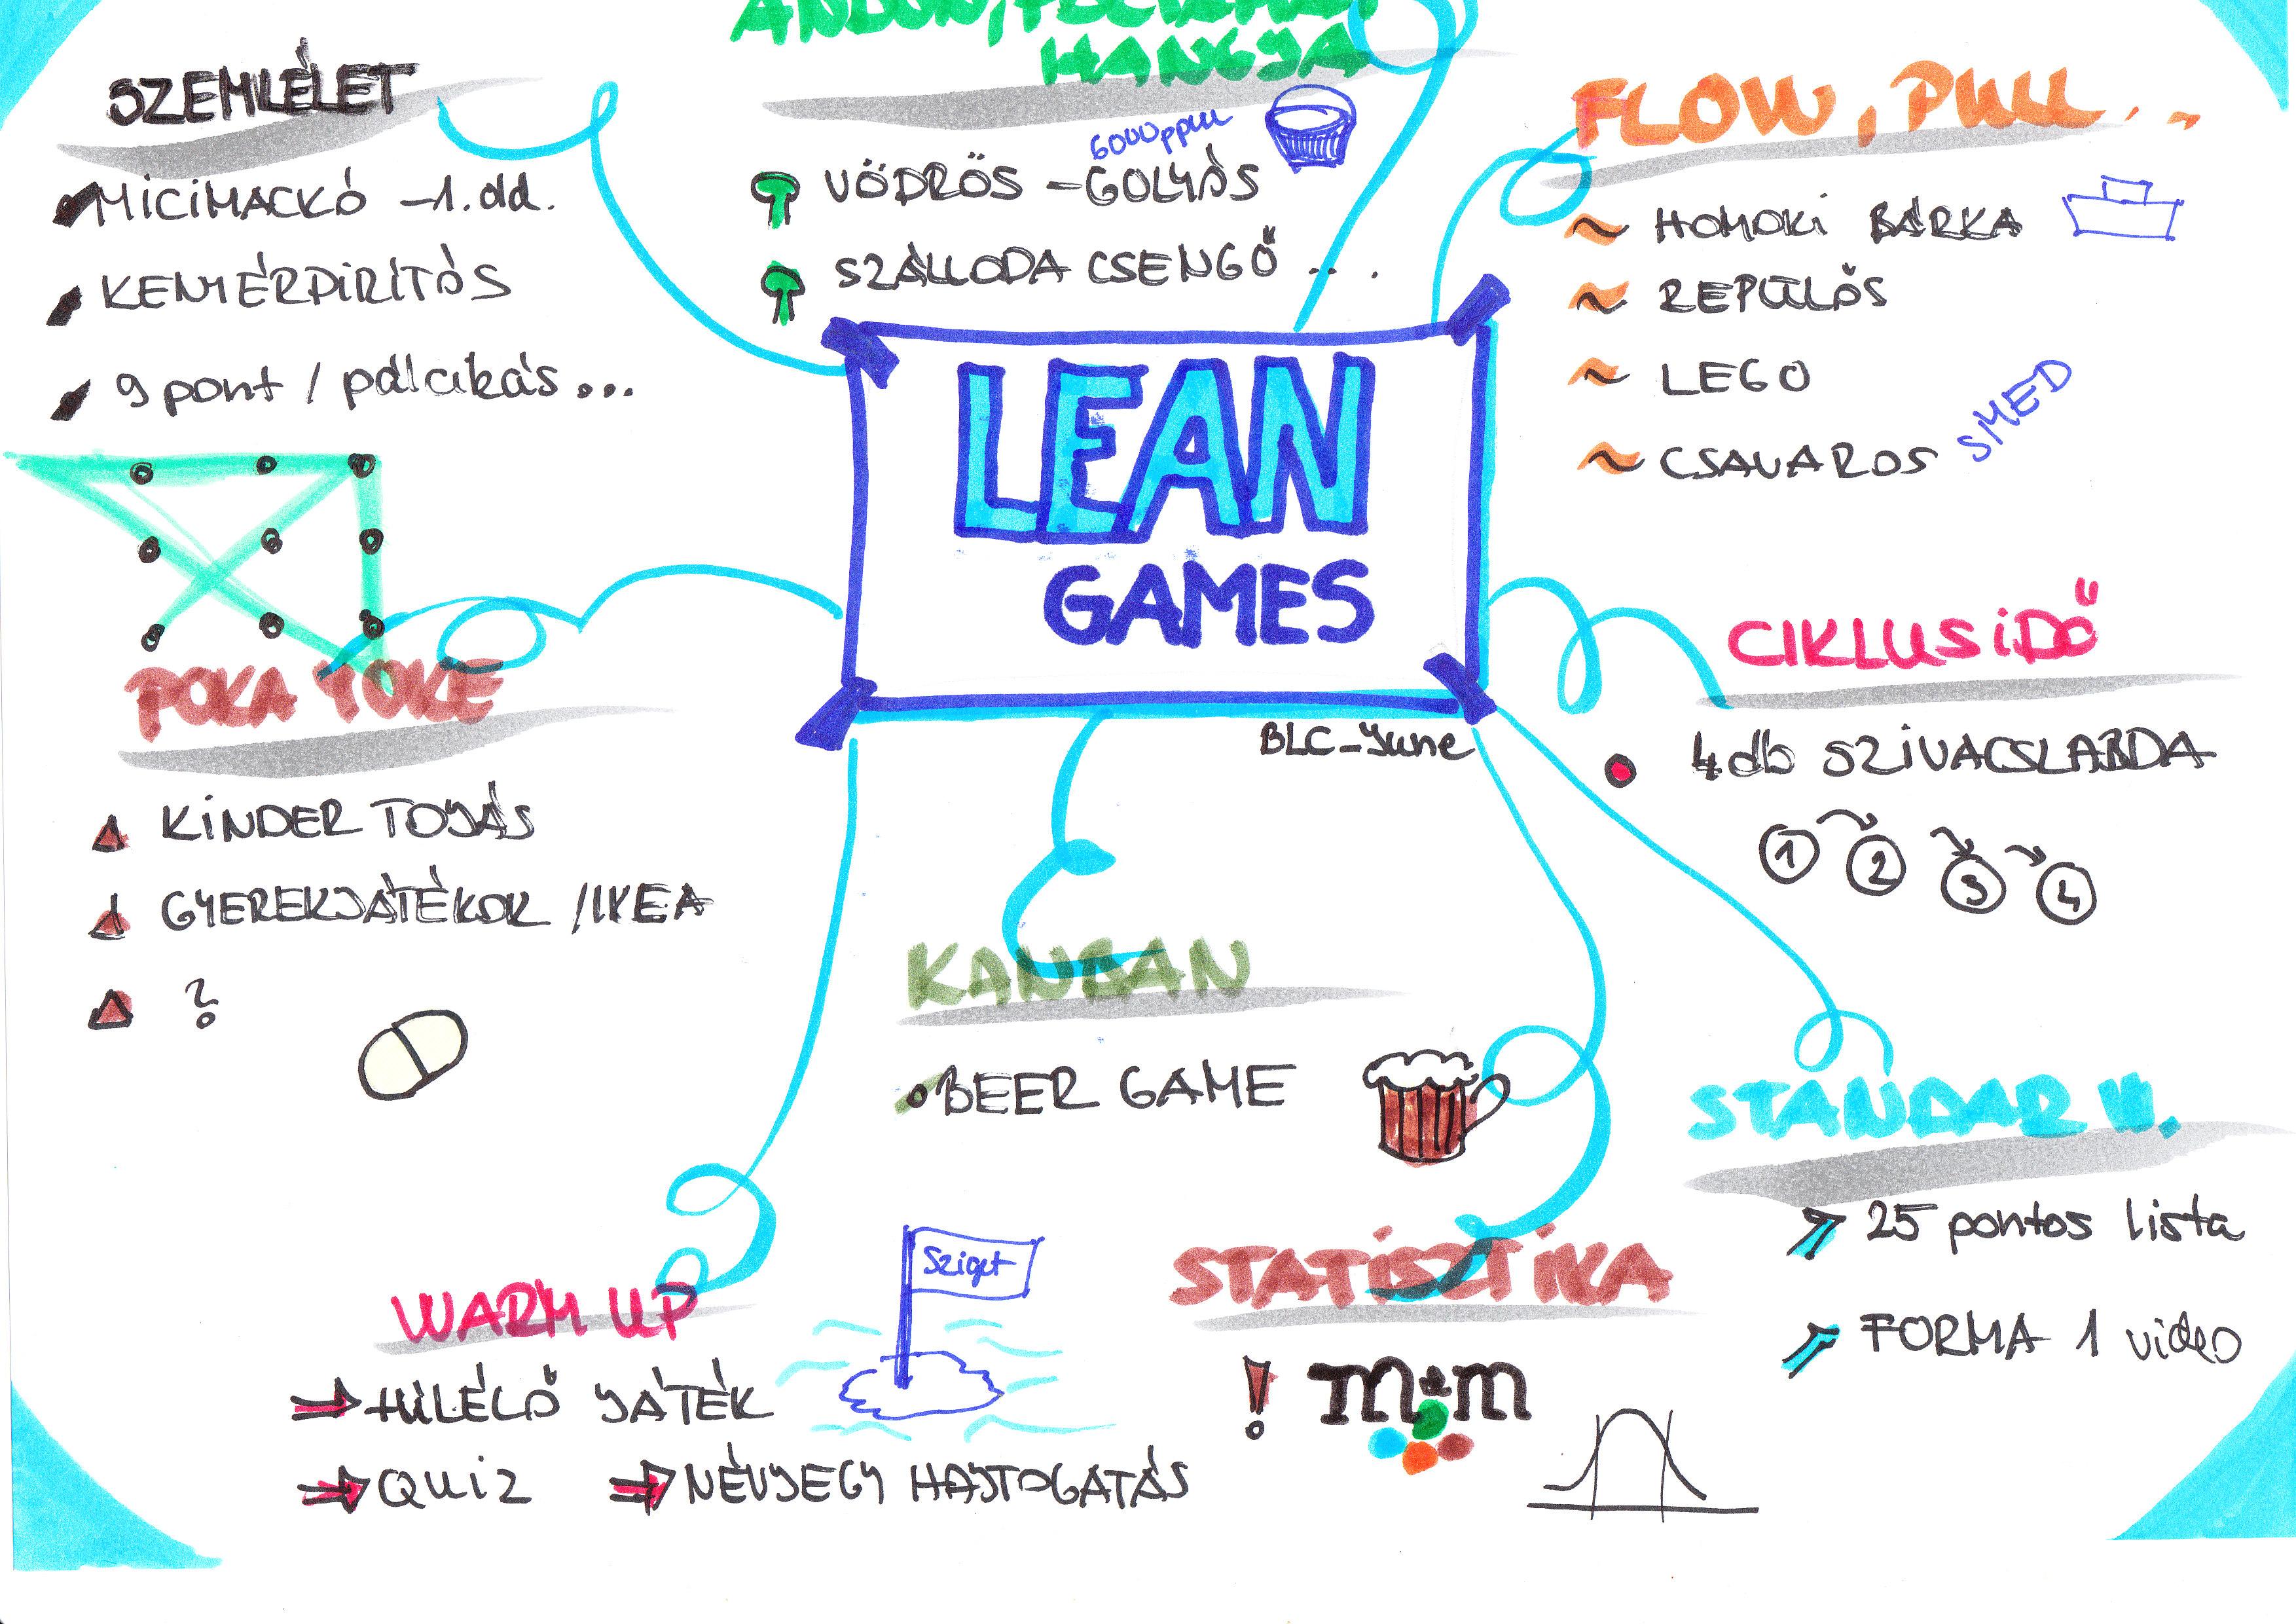 BLC_June_leanGames